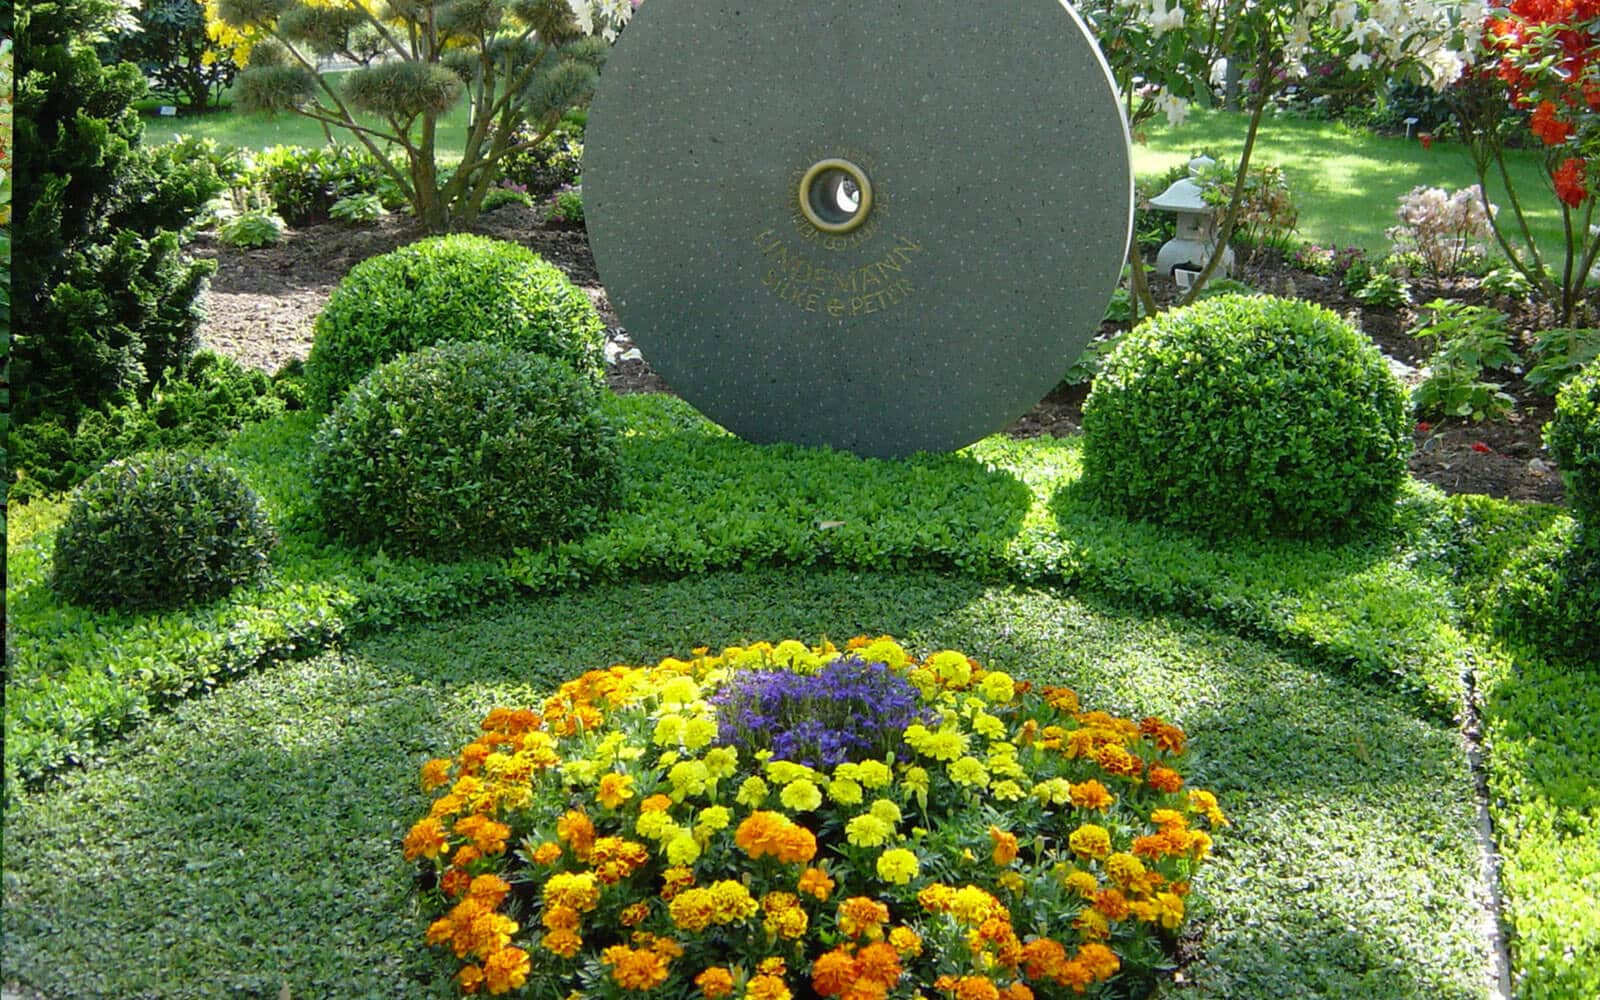 Grabgestaltung Im Herbst - 20 Beispiele & Bilder - Serafinum.de Grabgestaltung Ideen Blumen Pflanzen Deko